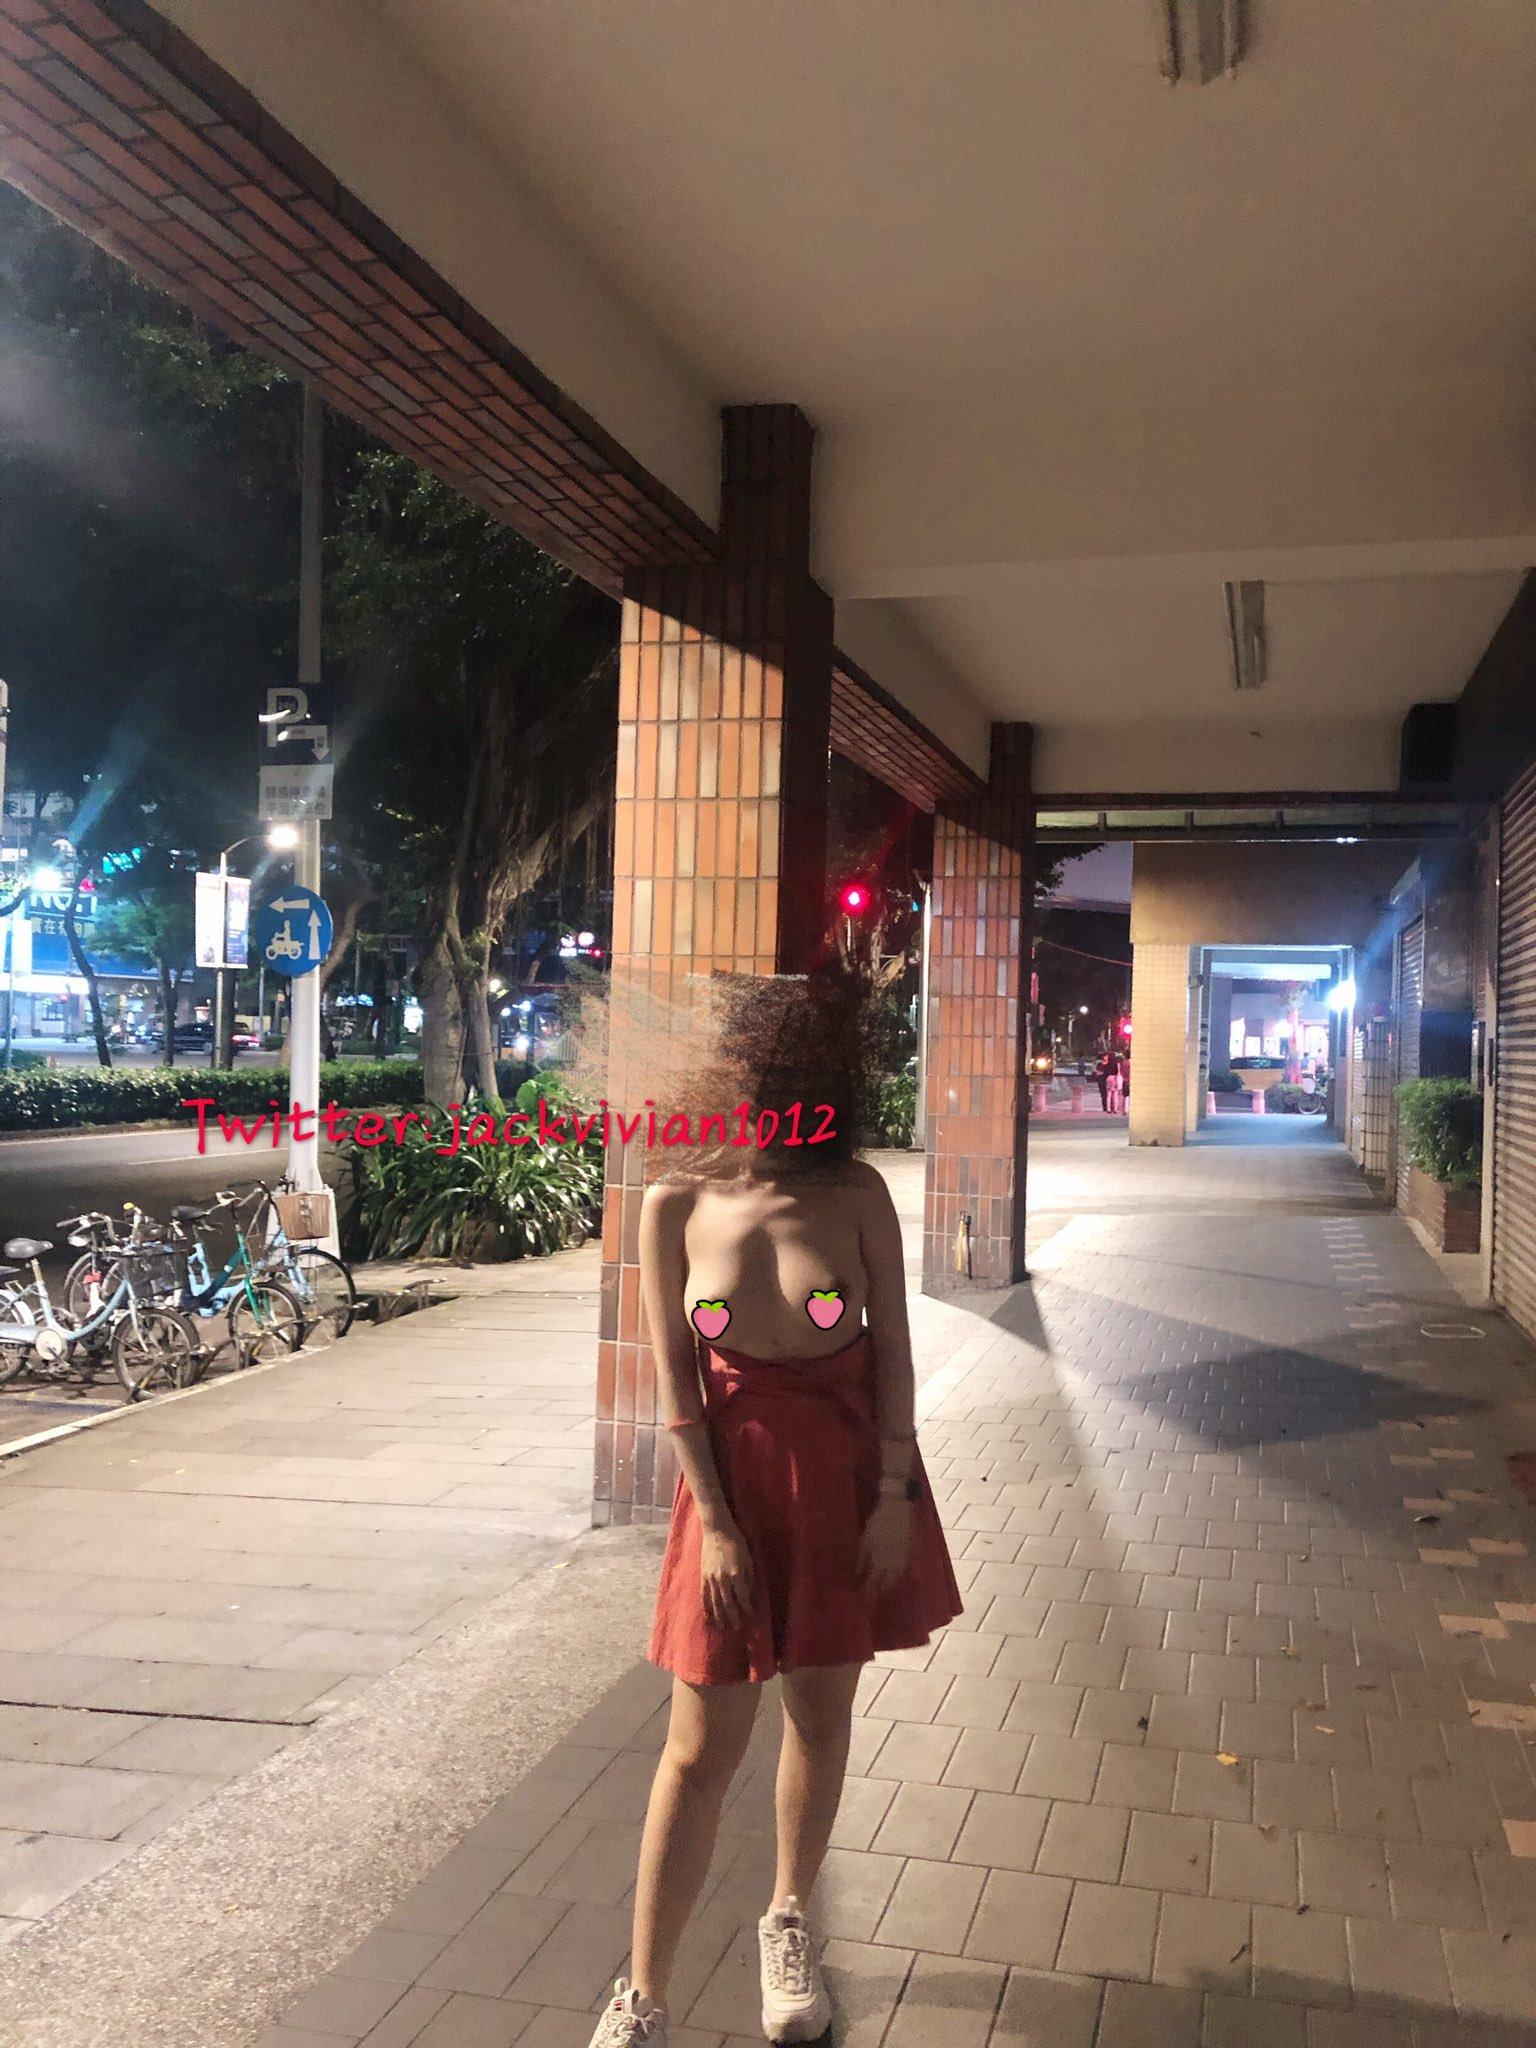 【素人】D奶暴露人妻《Vivian 愛露出》越被注視越羞恥!又多一個下雨天去好市多的理由...